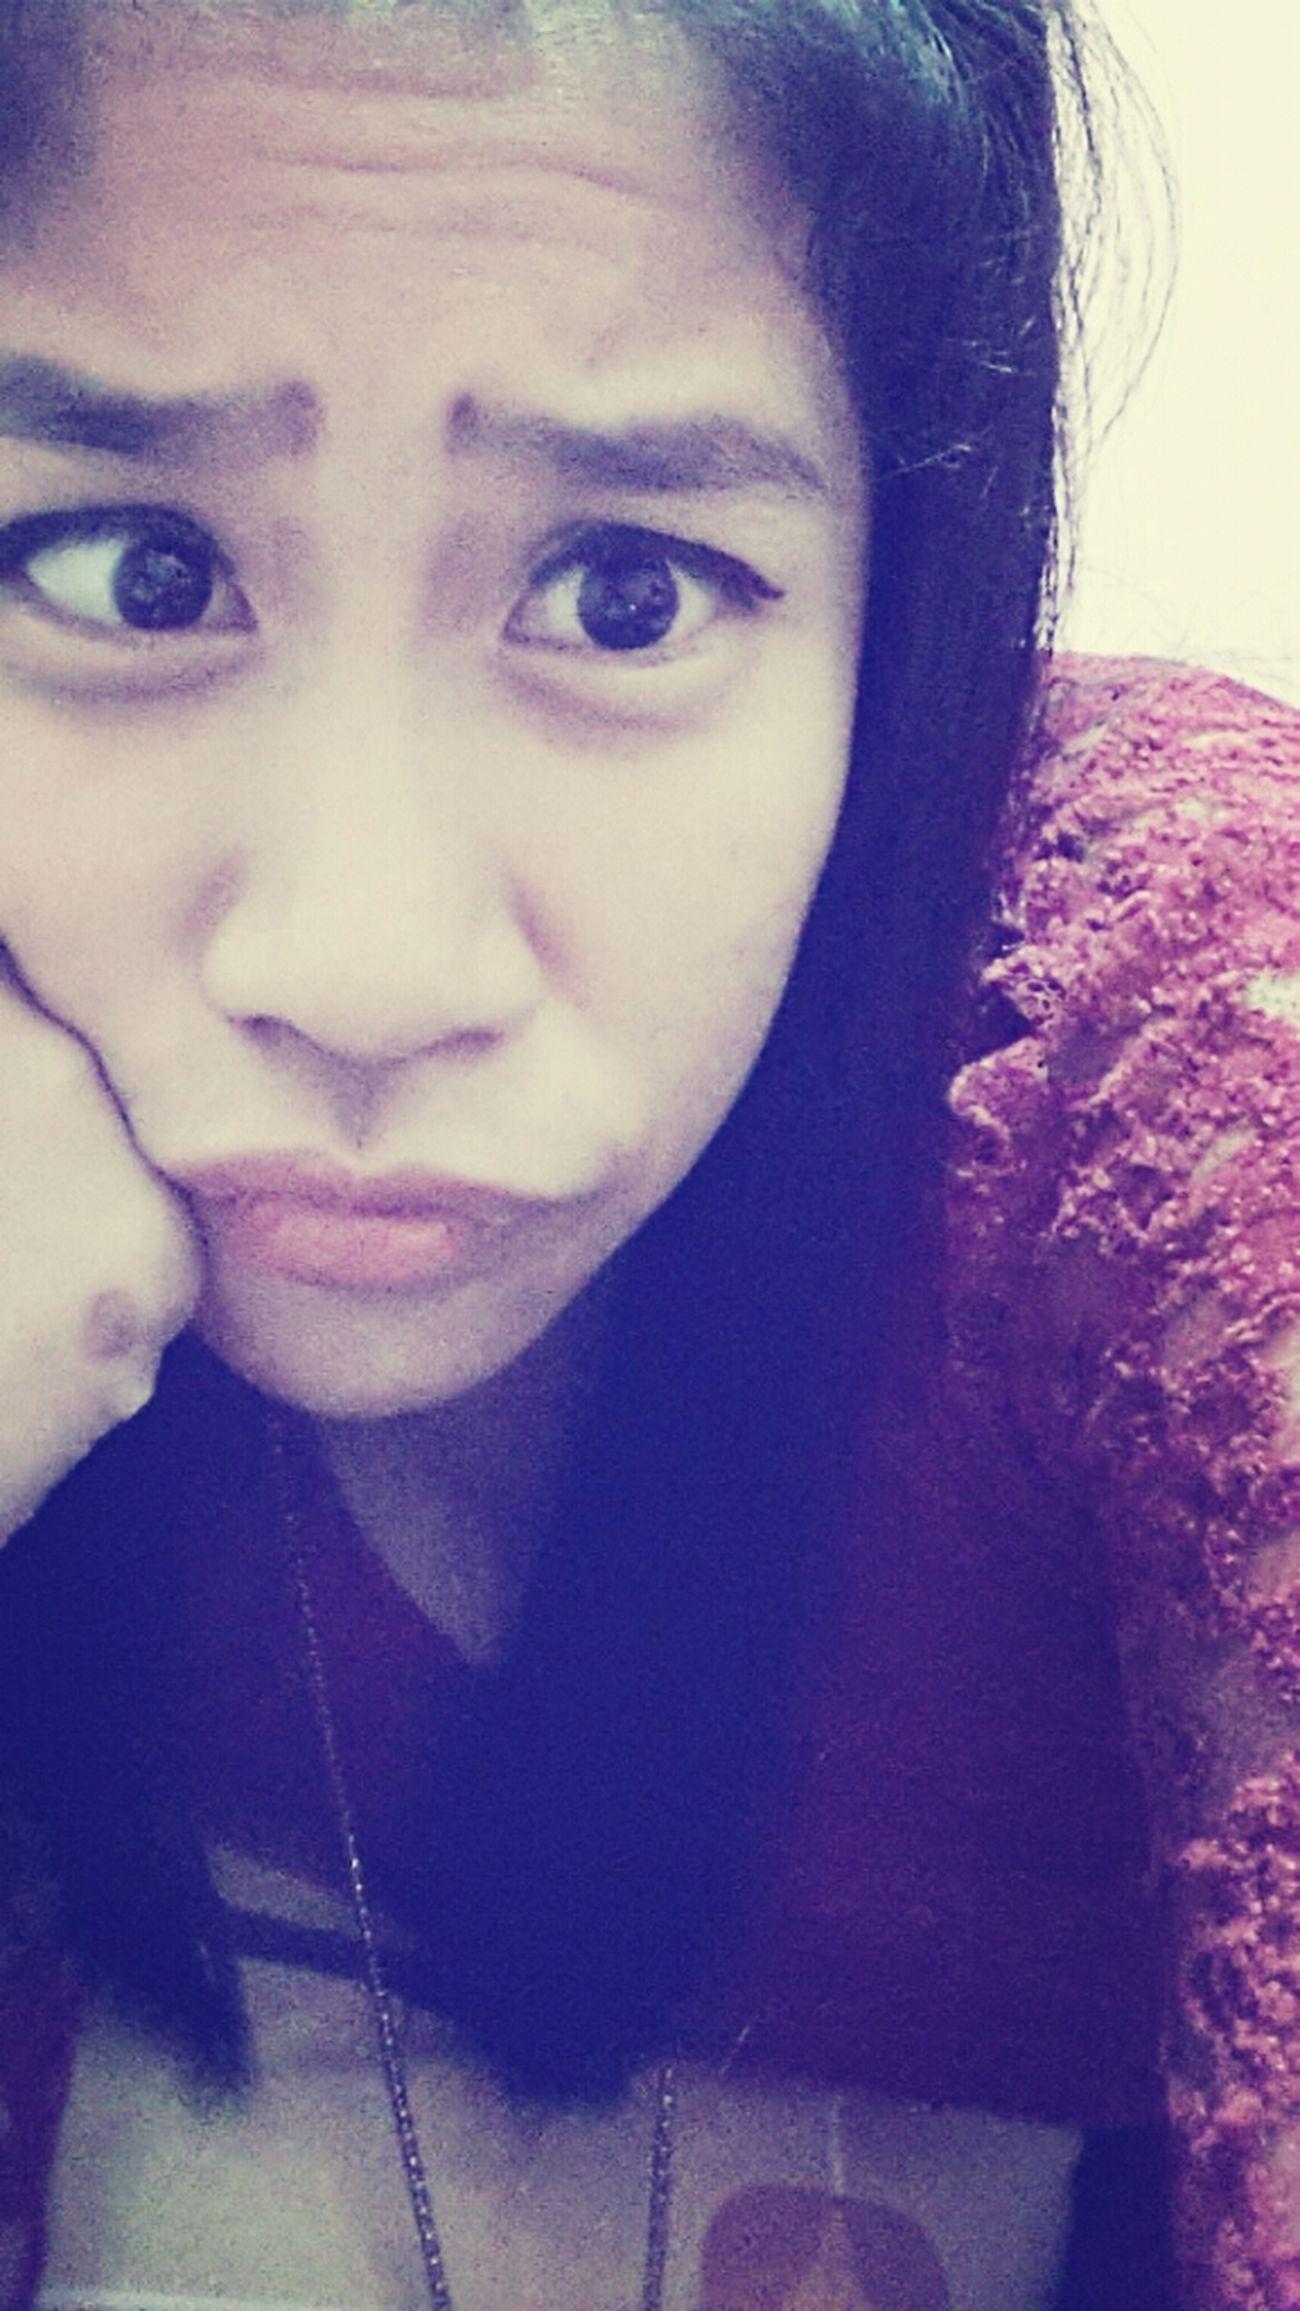 Buruknye Muka -.-